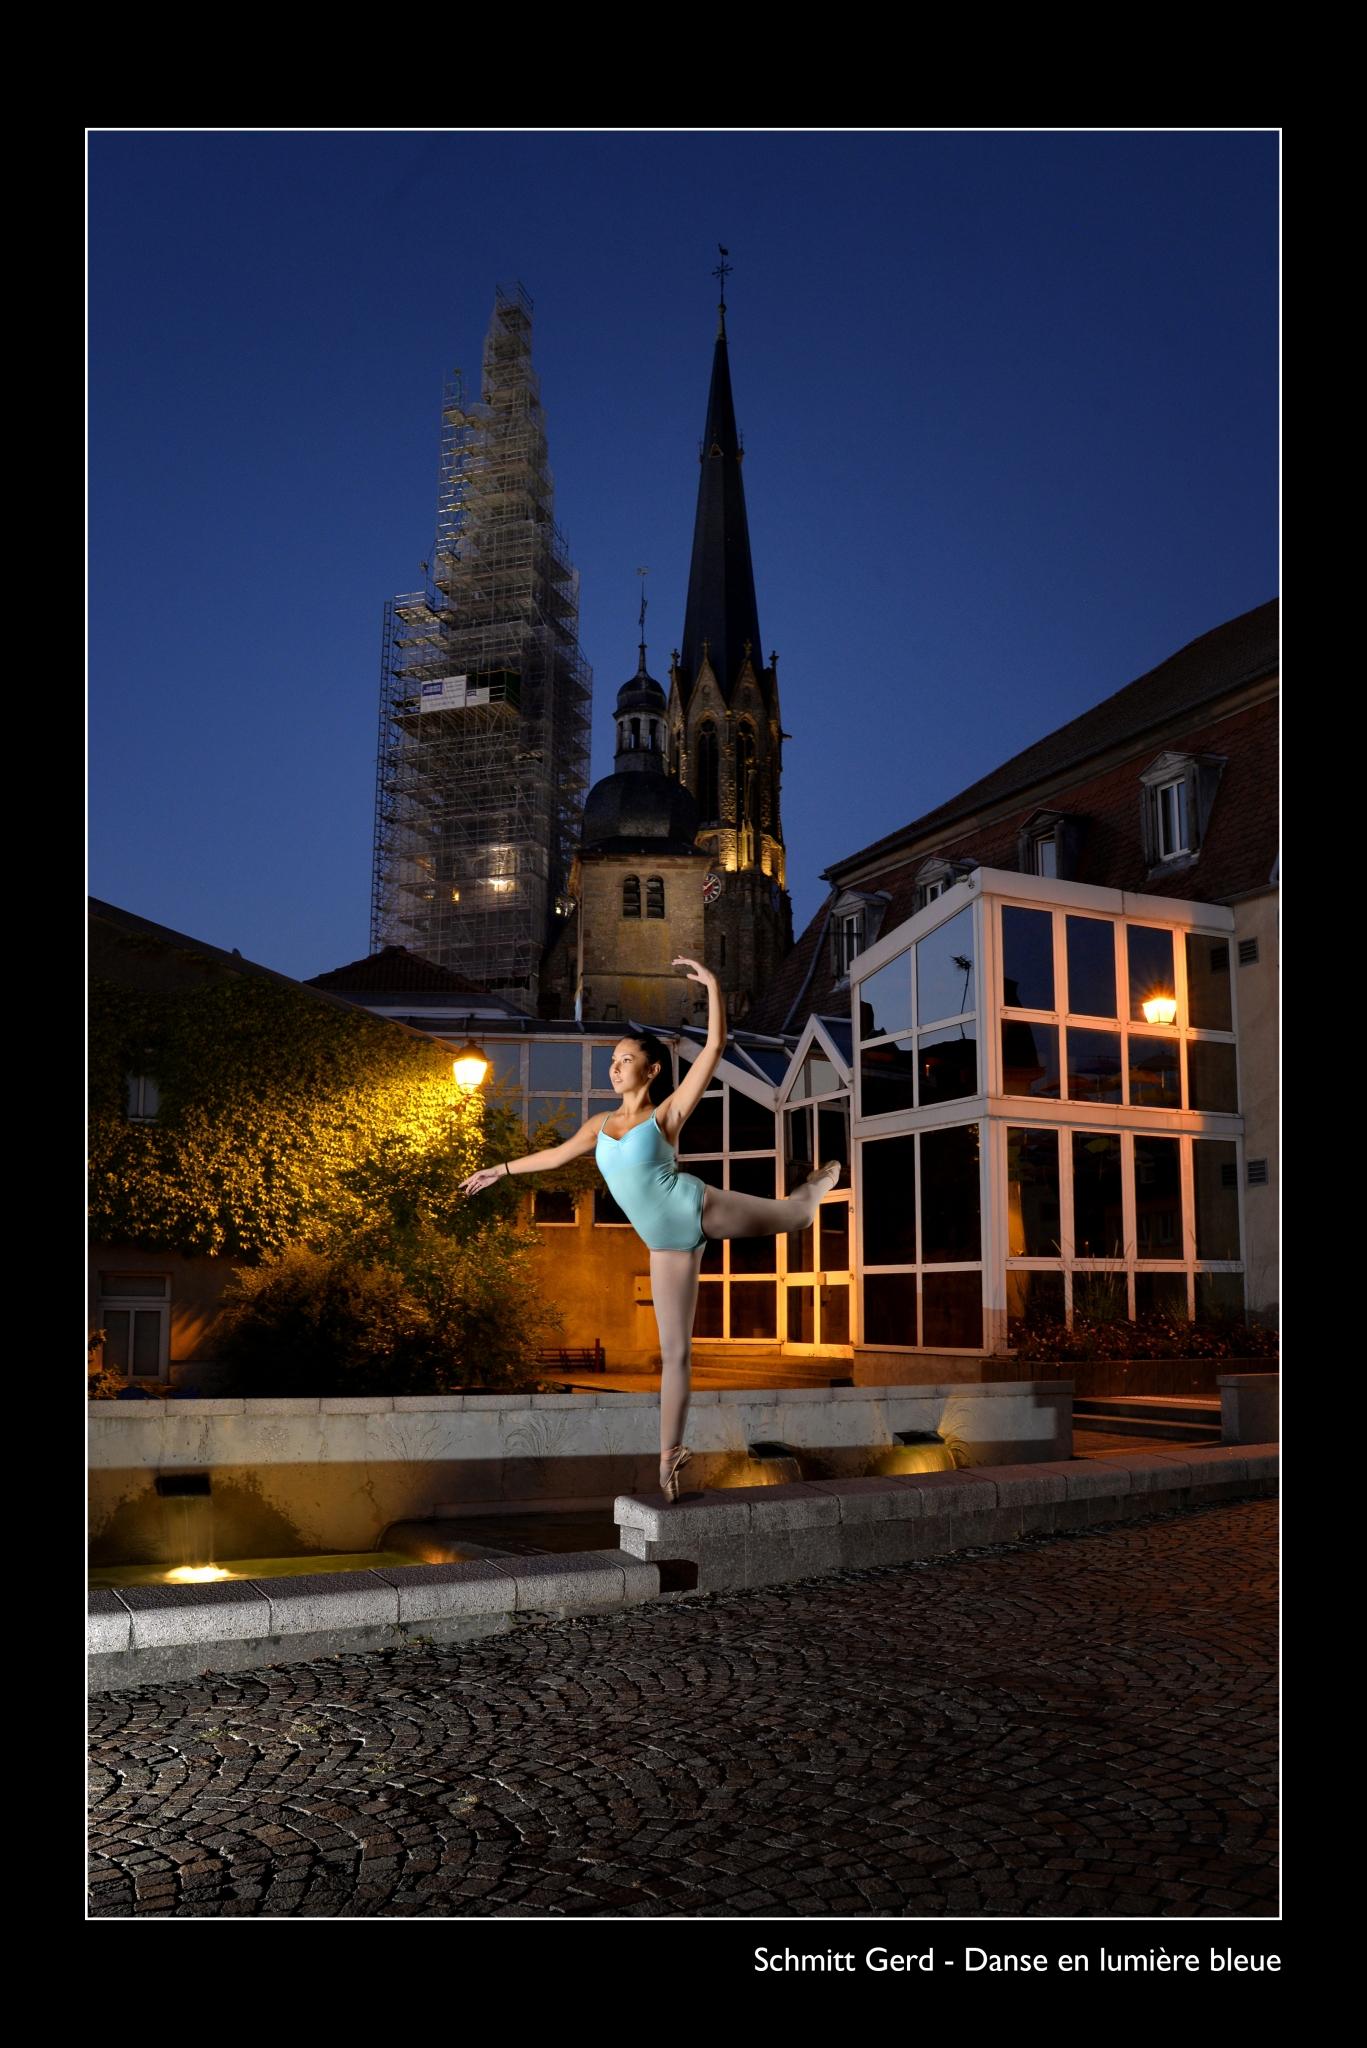 SCHMITT Gerd - Expo 2018 - Papier 1 - Danse en lumiere bleue